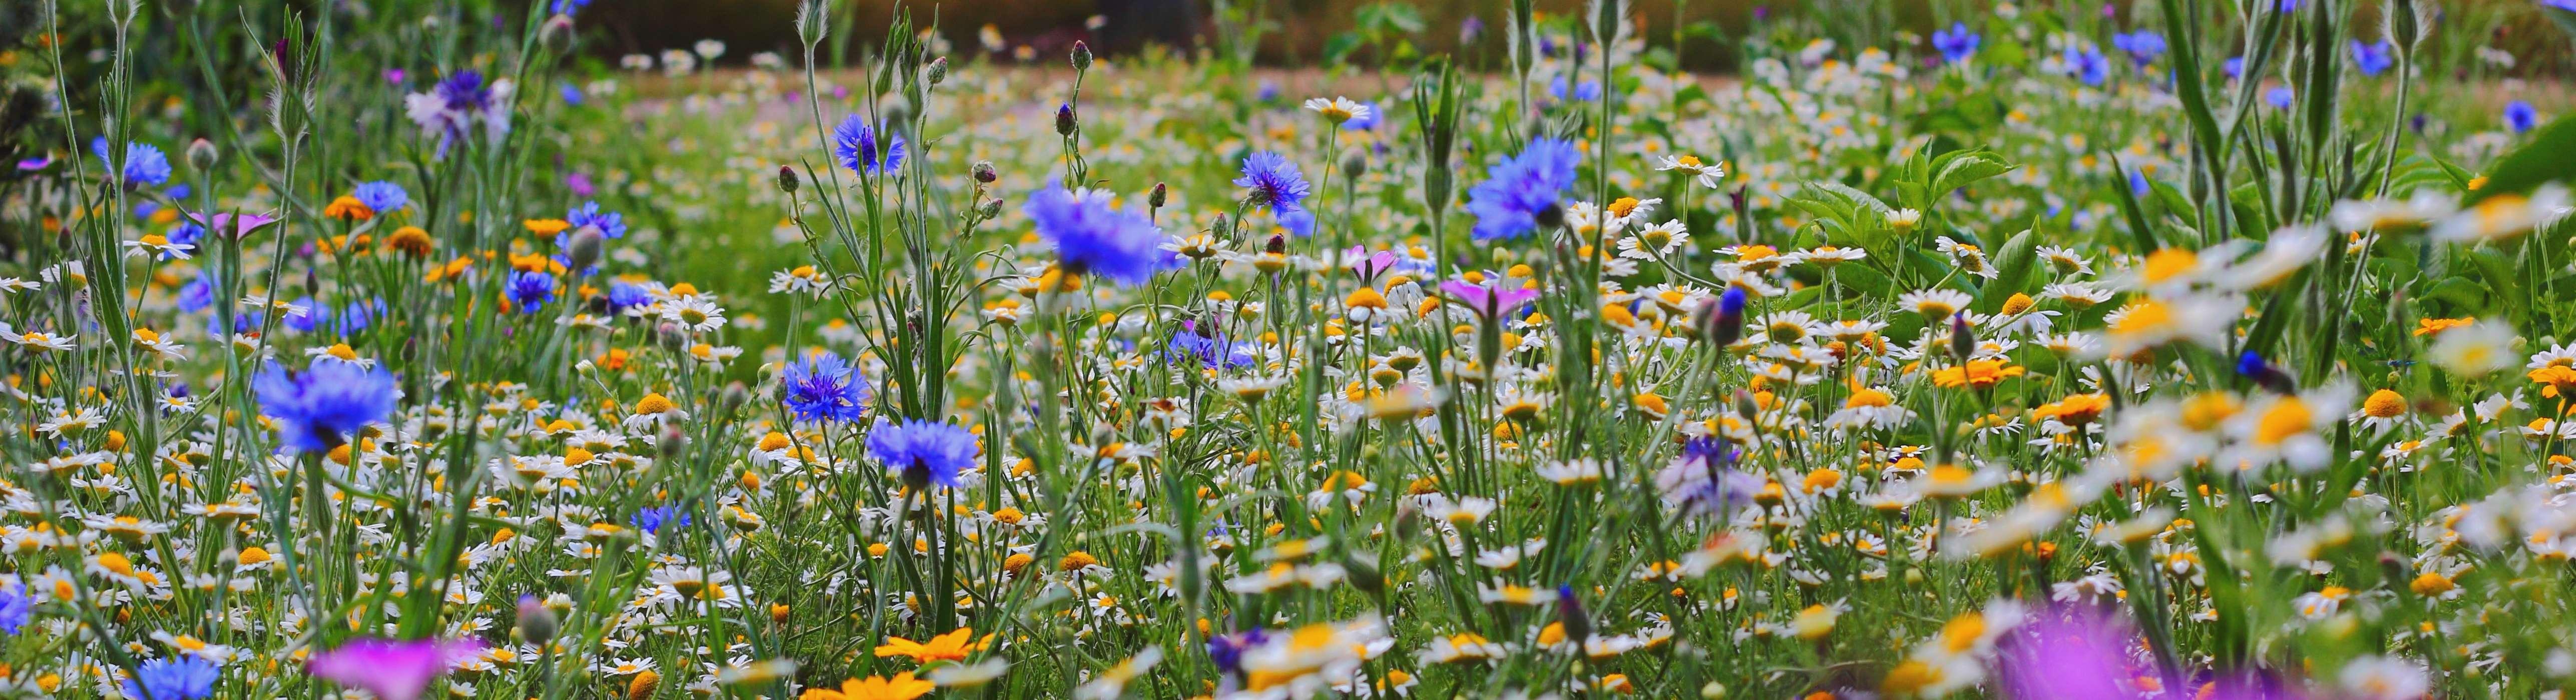 Semence florale, fourragère et gazon